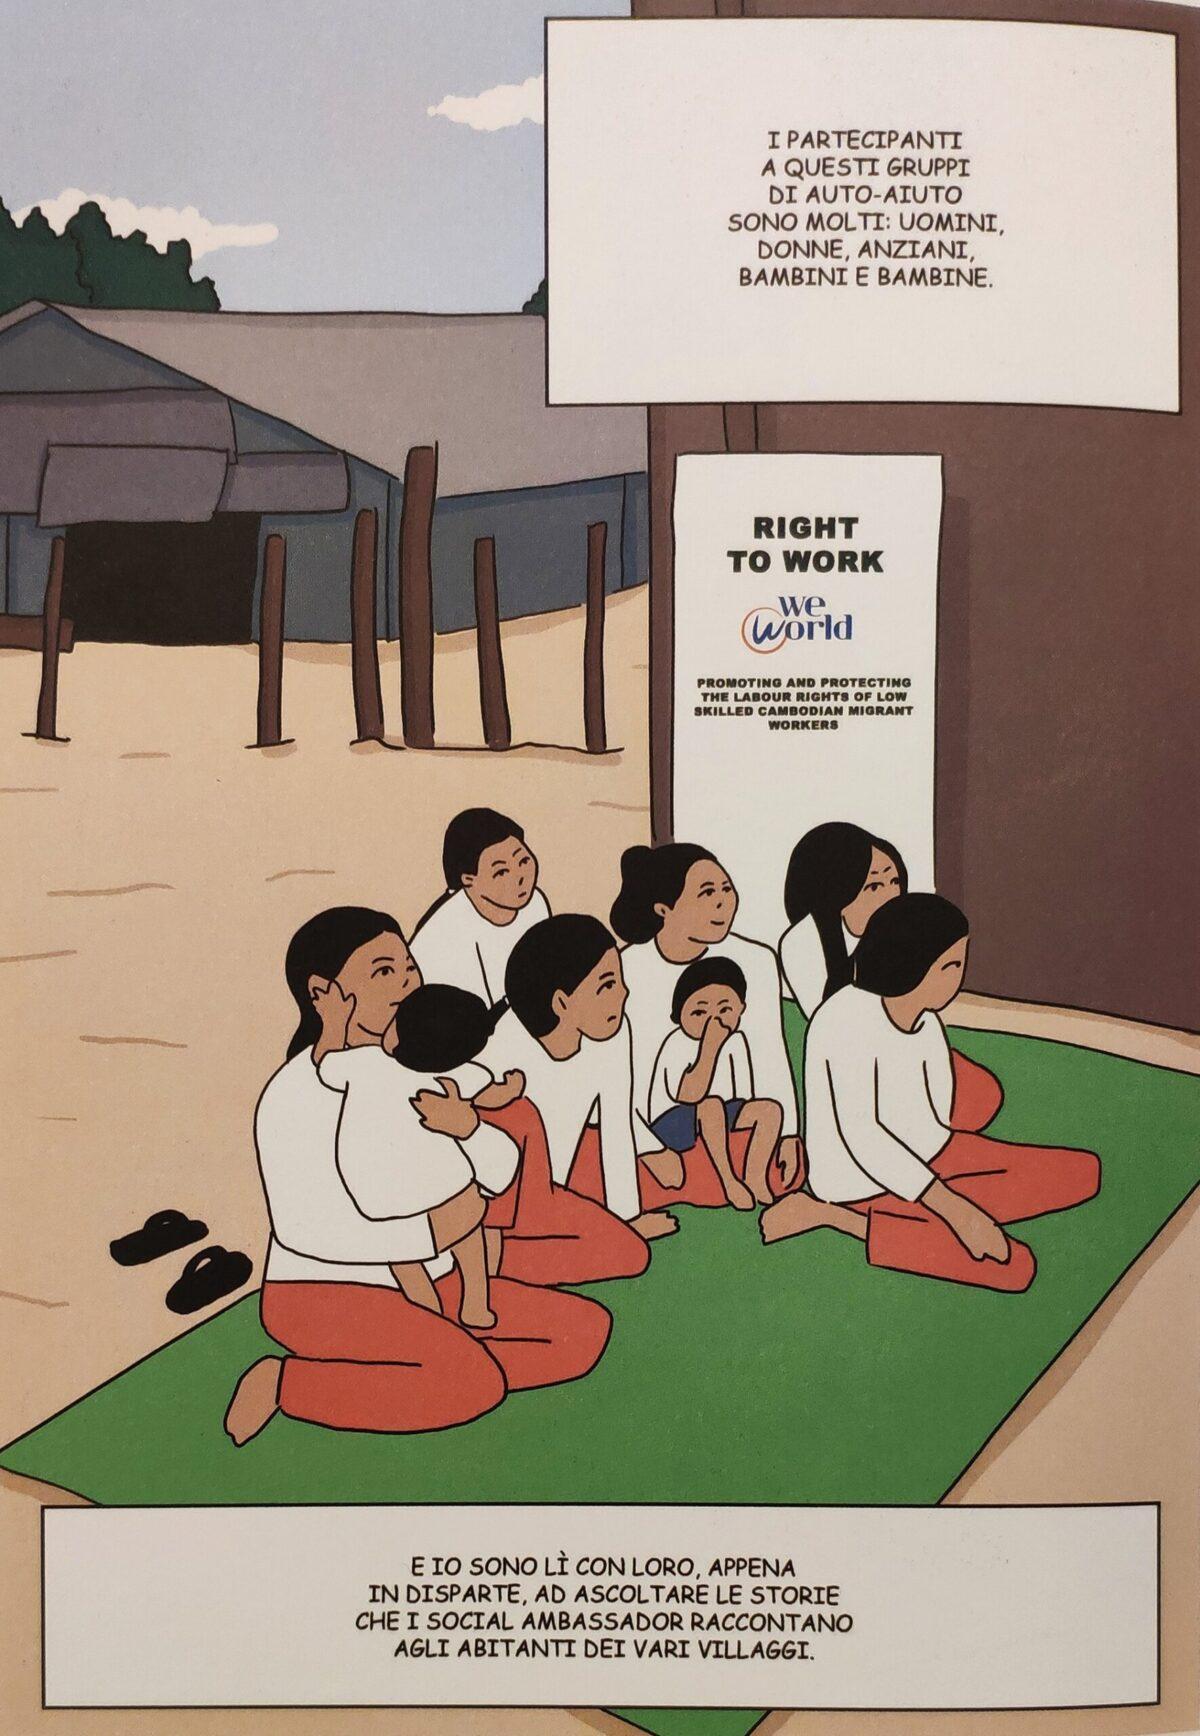 Mio caro fumetto... - WeWorld e la prevenzione della tratta in Cambogia